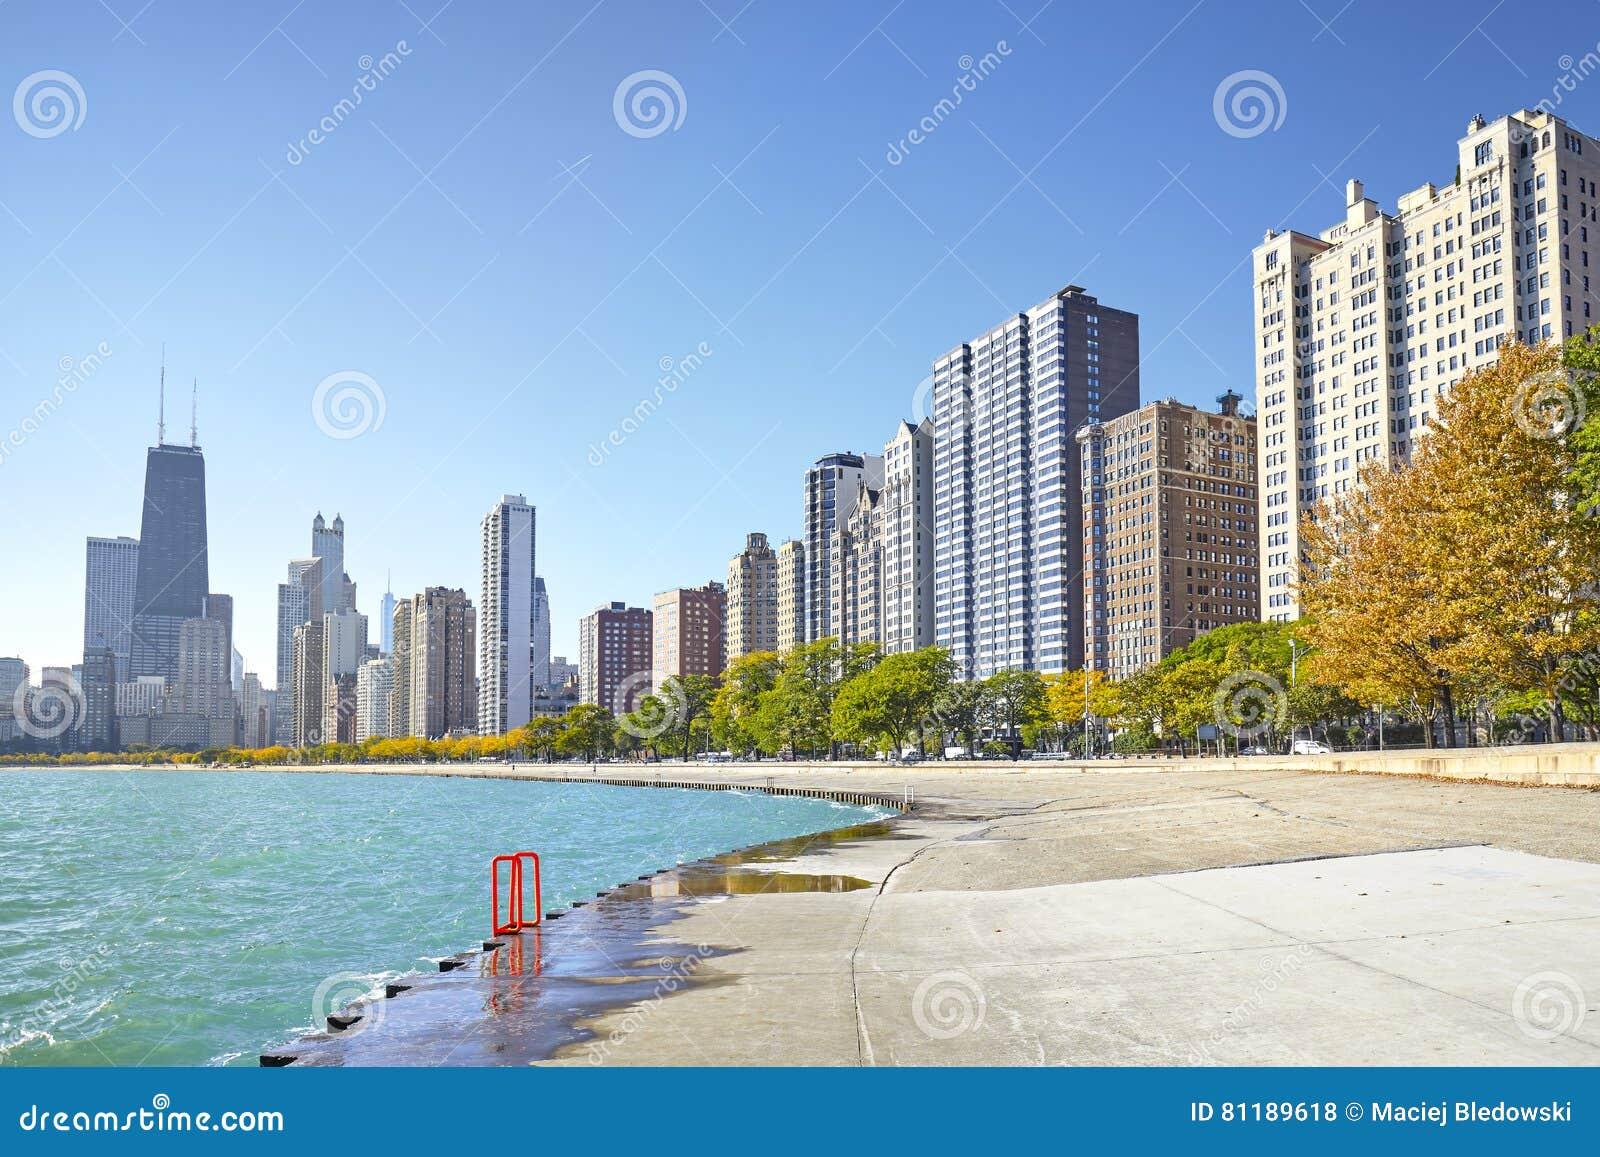 Ottasikt av den Michigan Lakefrontslingan i Chicago